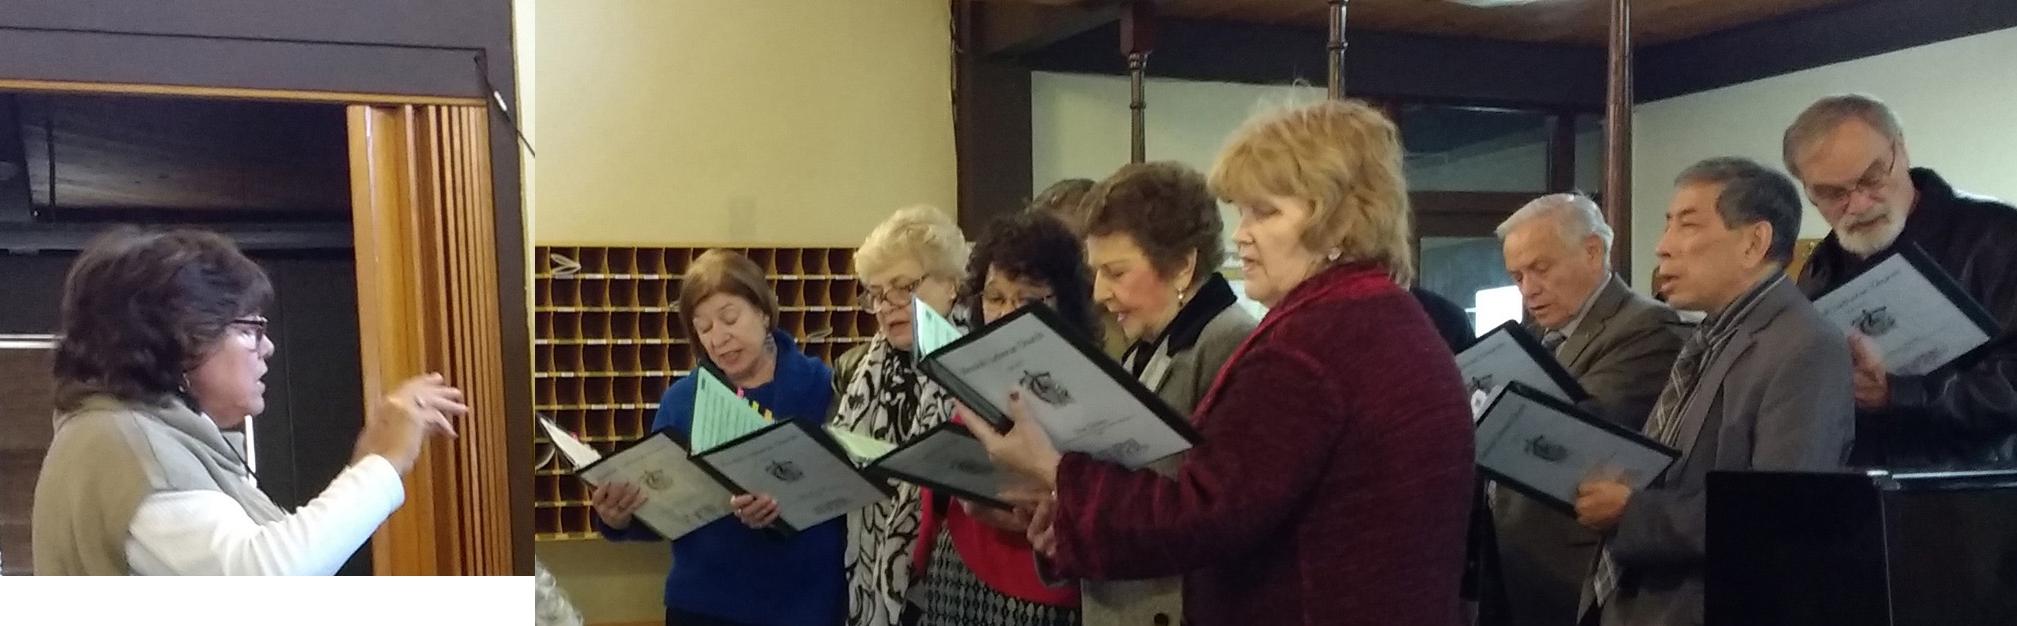 Choir Anthem.jpg